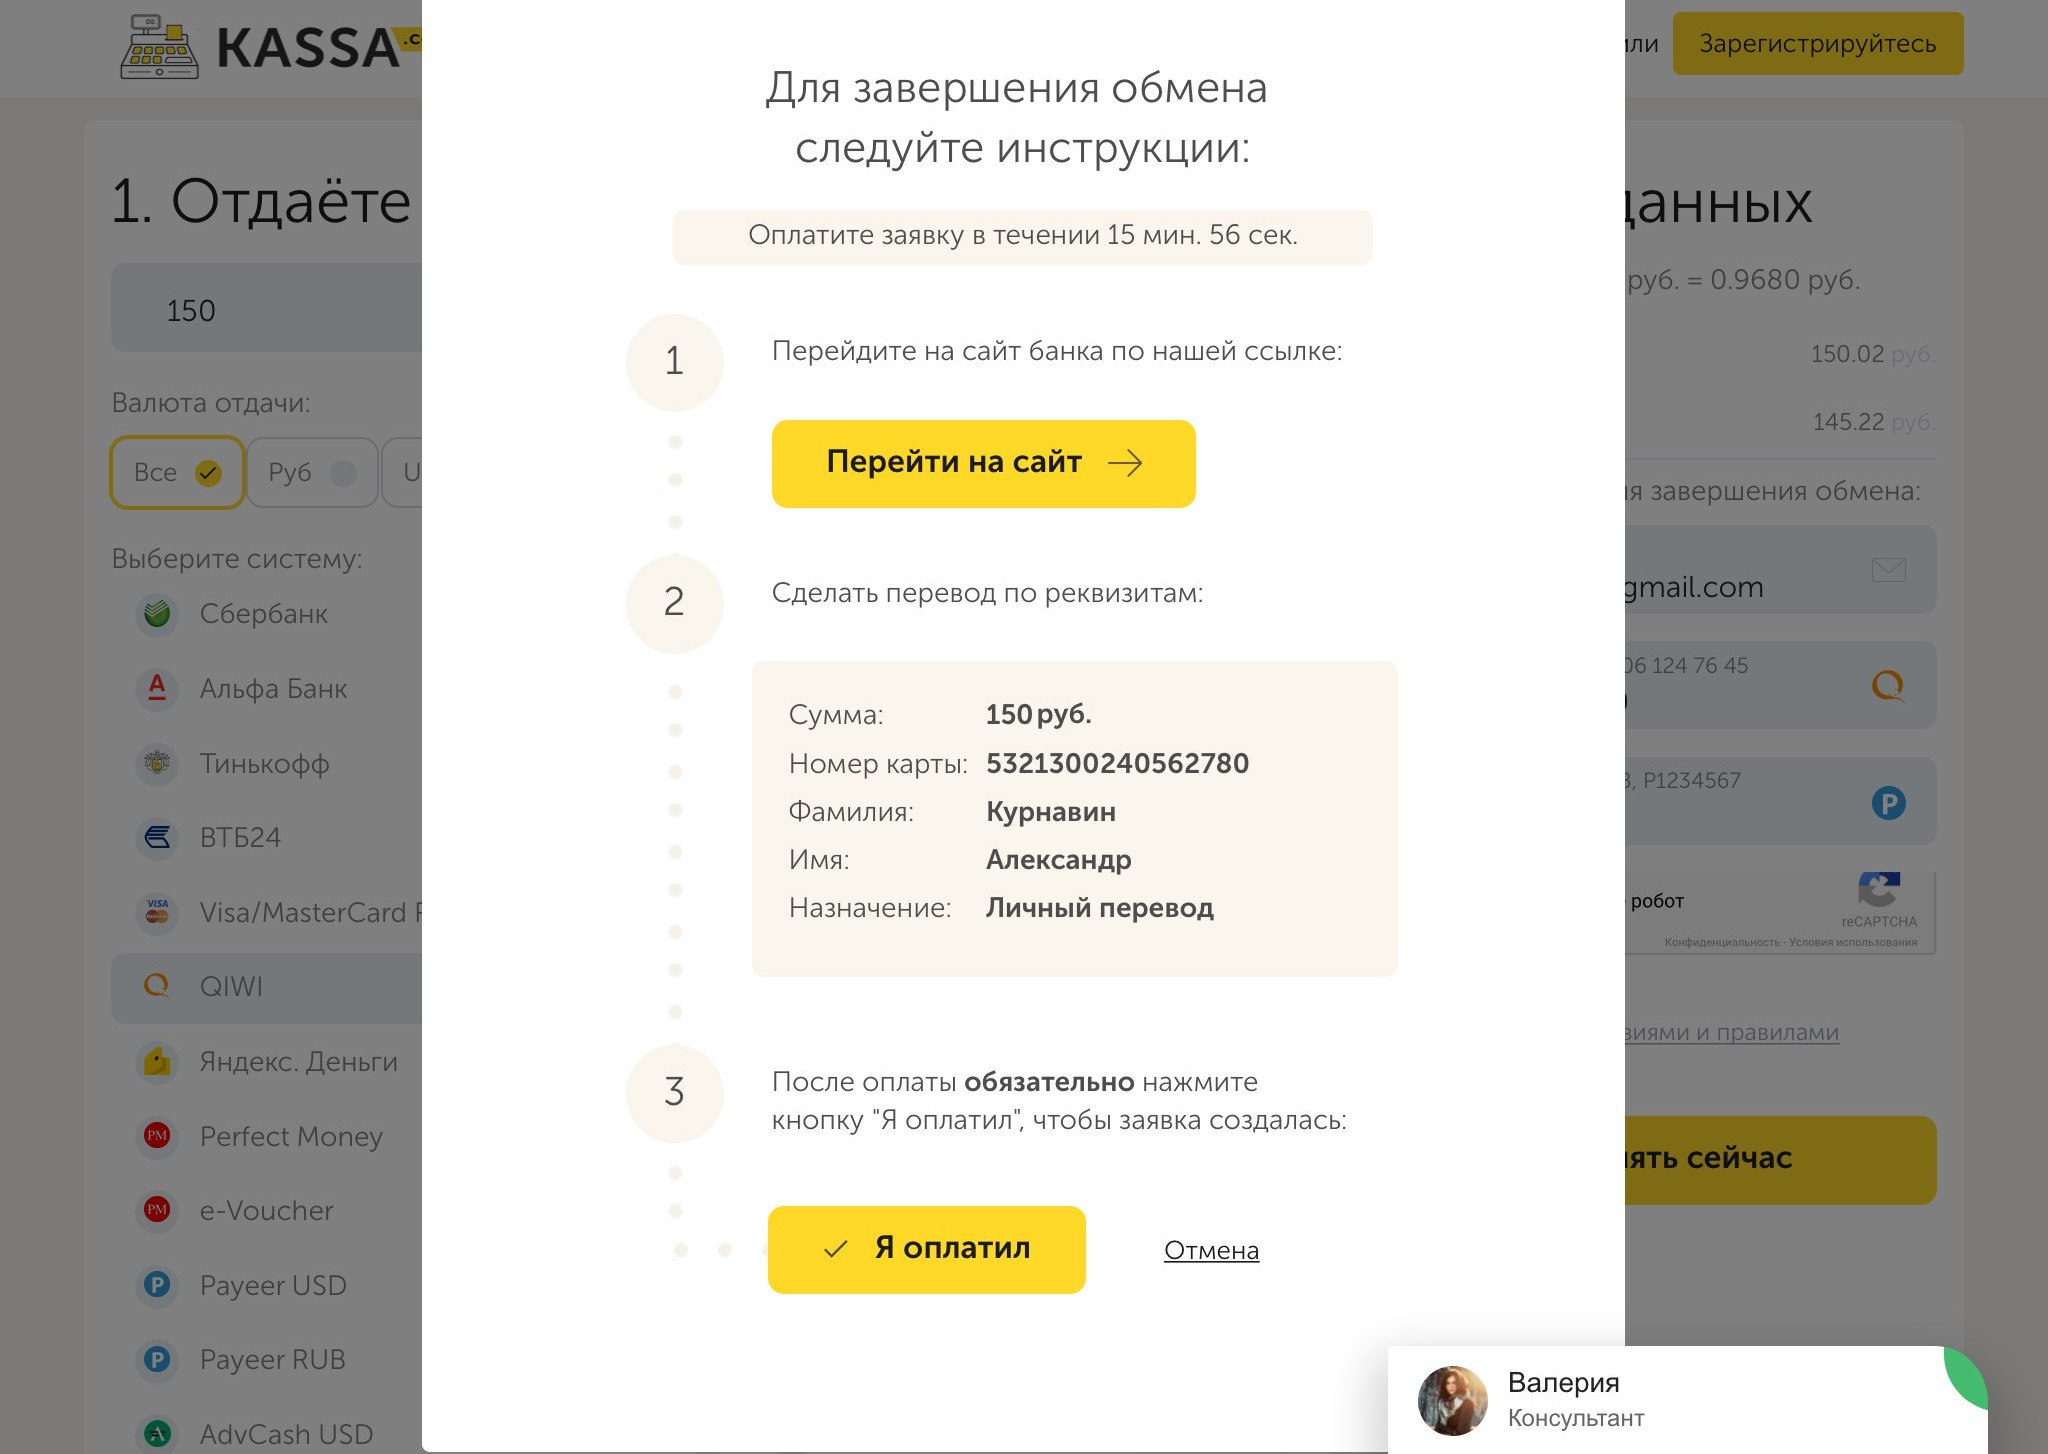 Kassa.cc - единый обмен валюты. Обмен QIWI RUB на Payeer RUB